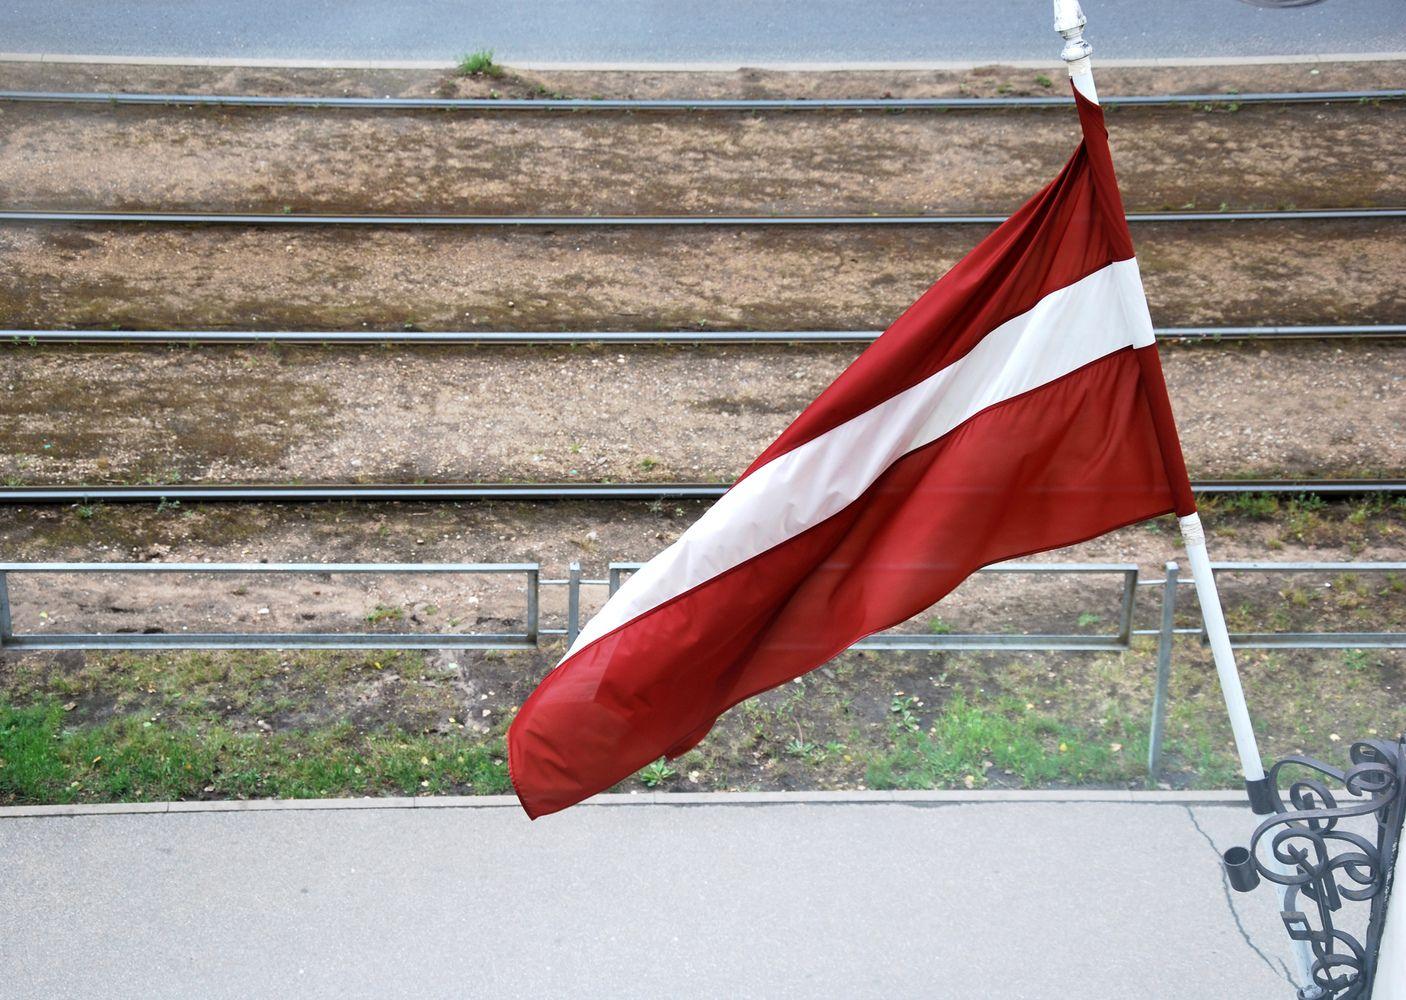 Lietuva ir Latvija gerins3 jungiamuosius kelius